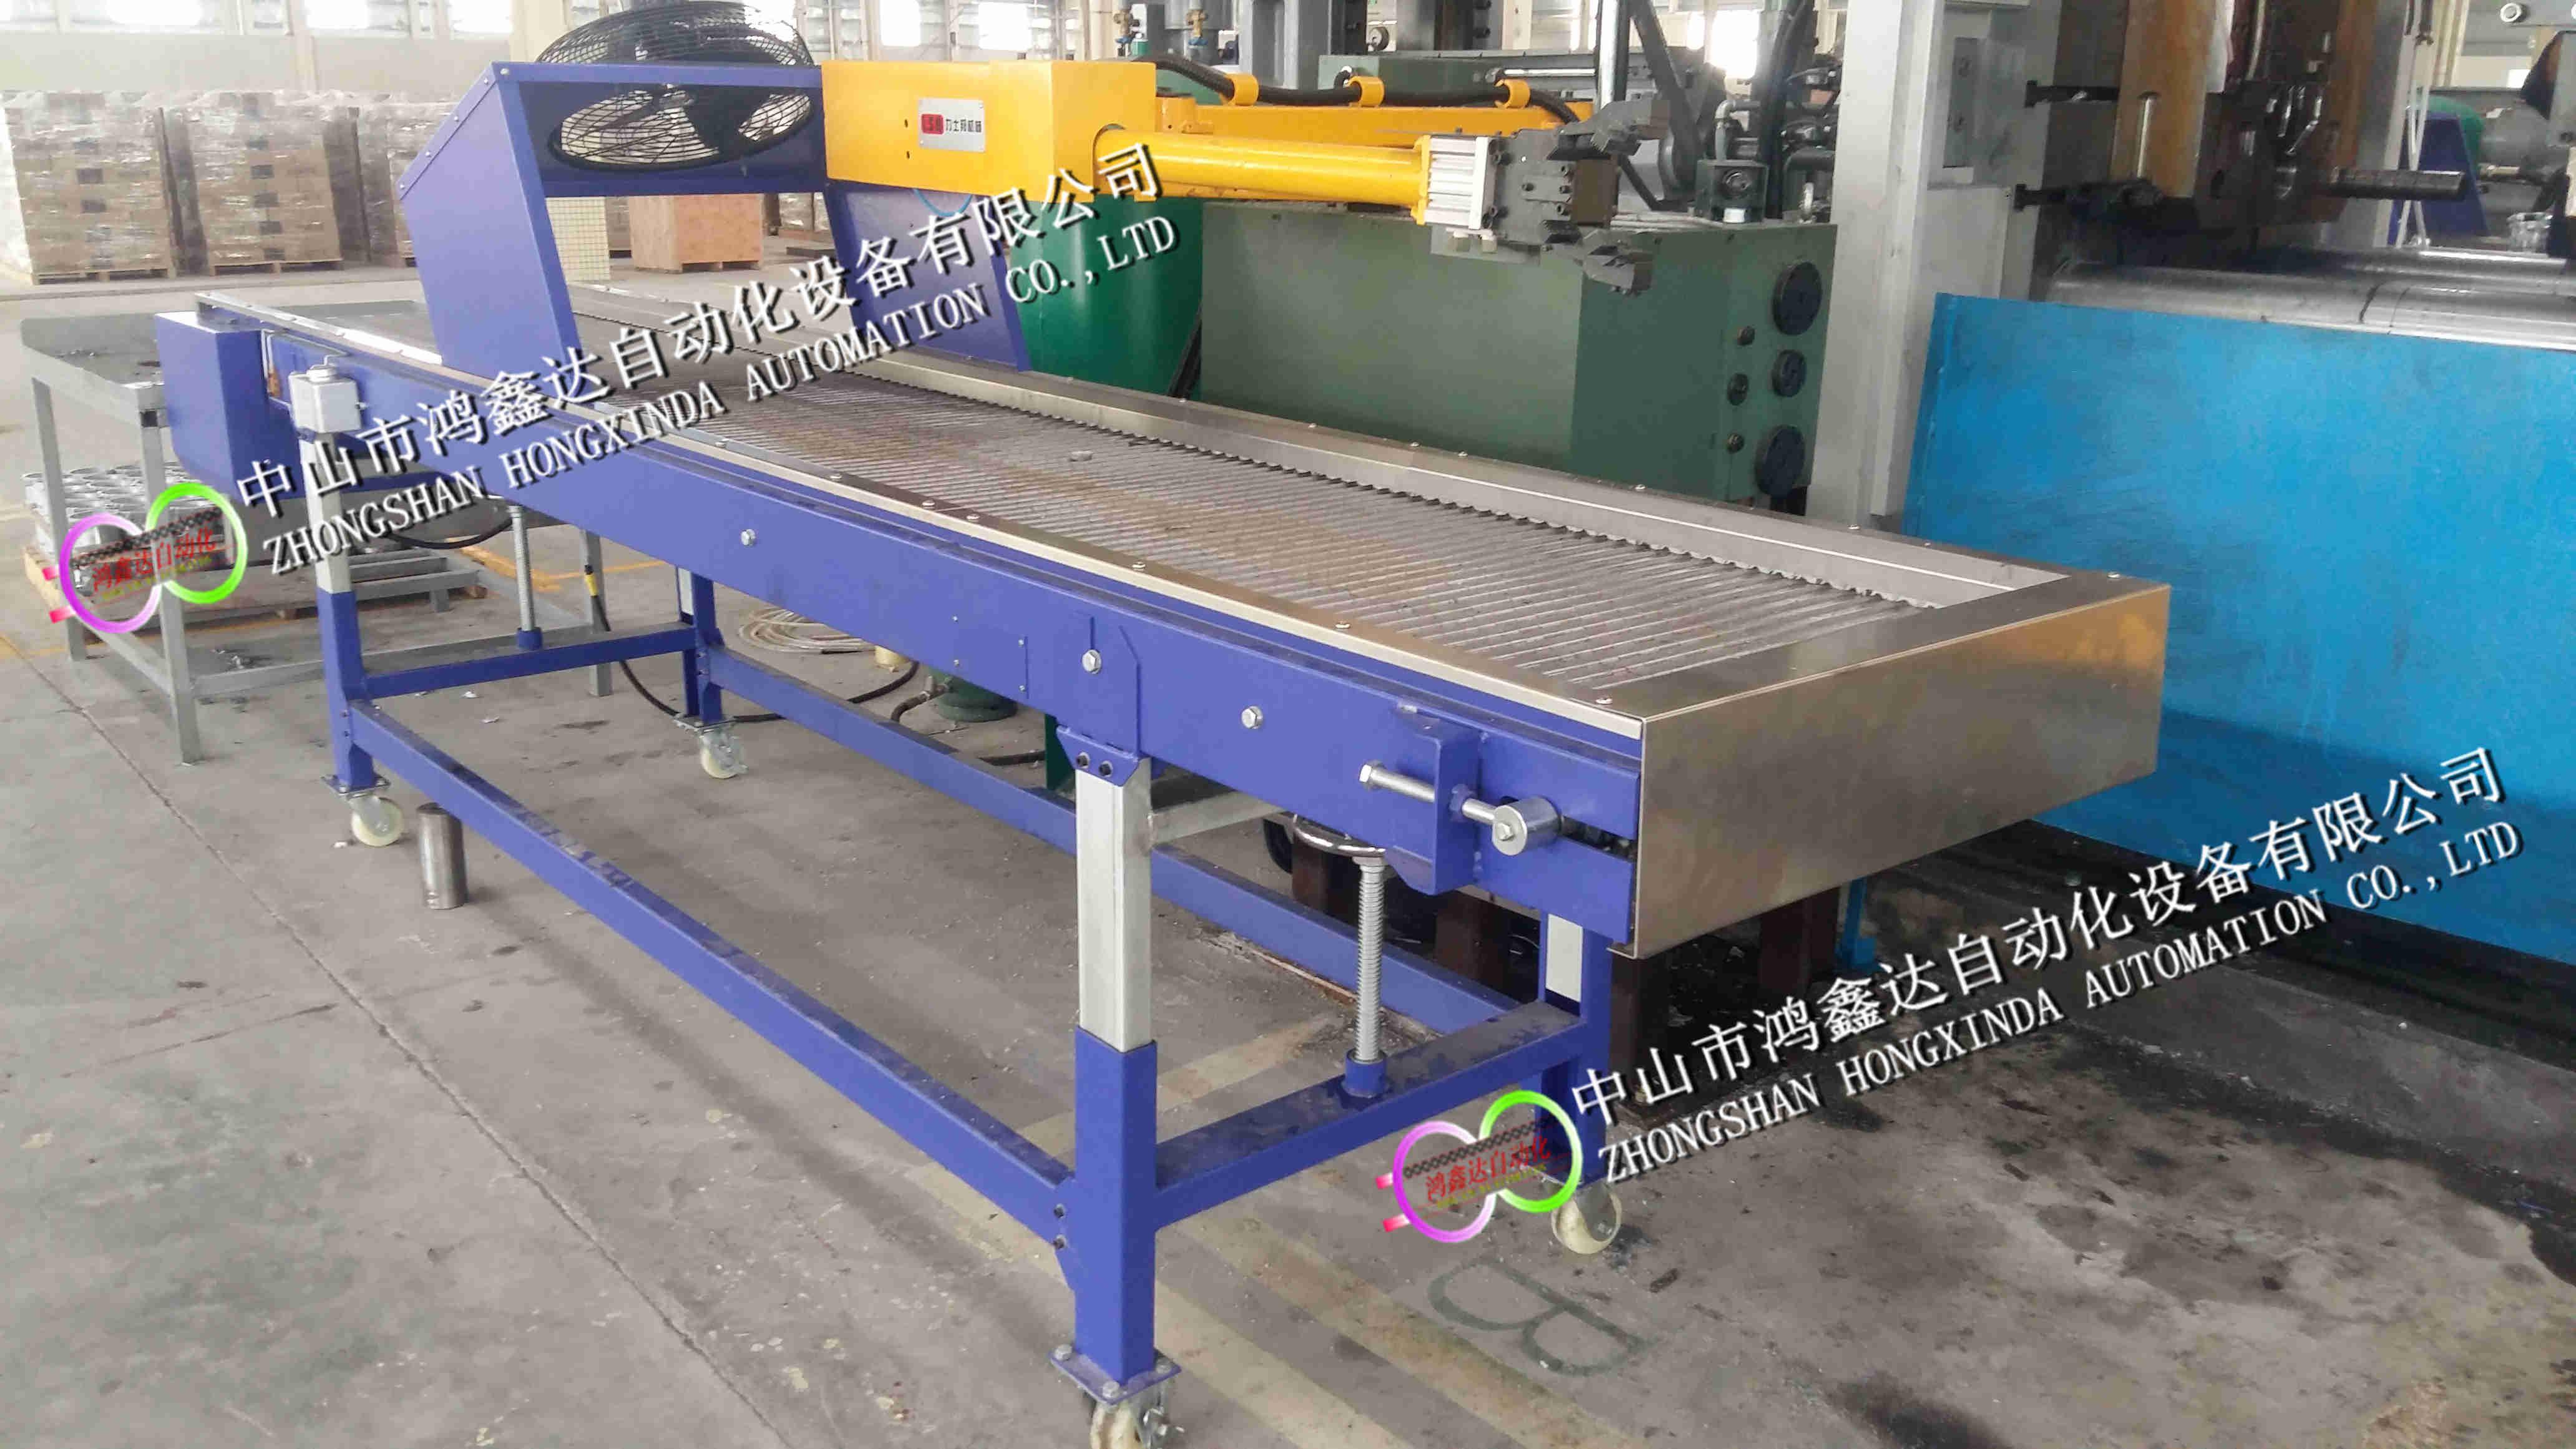 佛山铸铝件冷却链板线,中山铸铁件输送线93954475